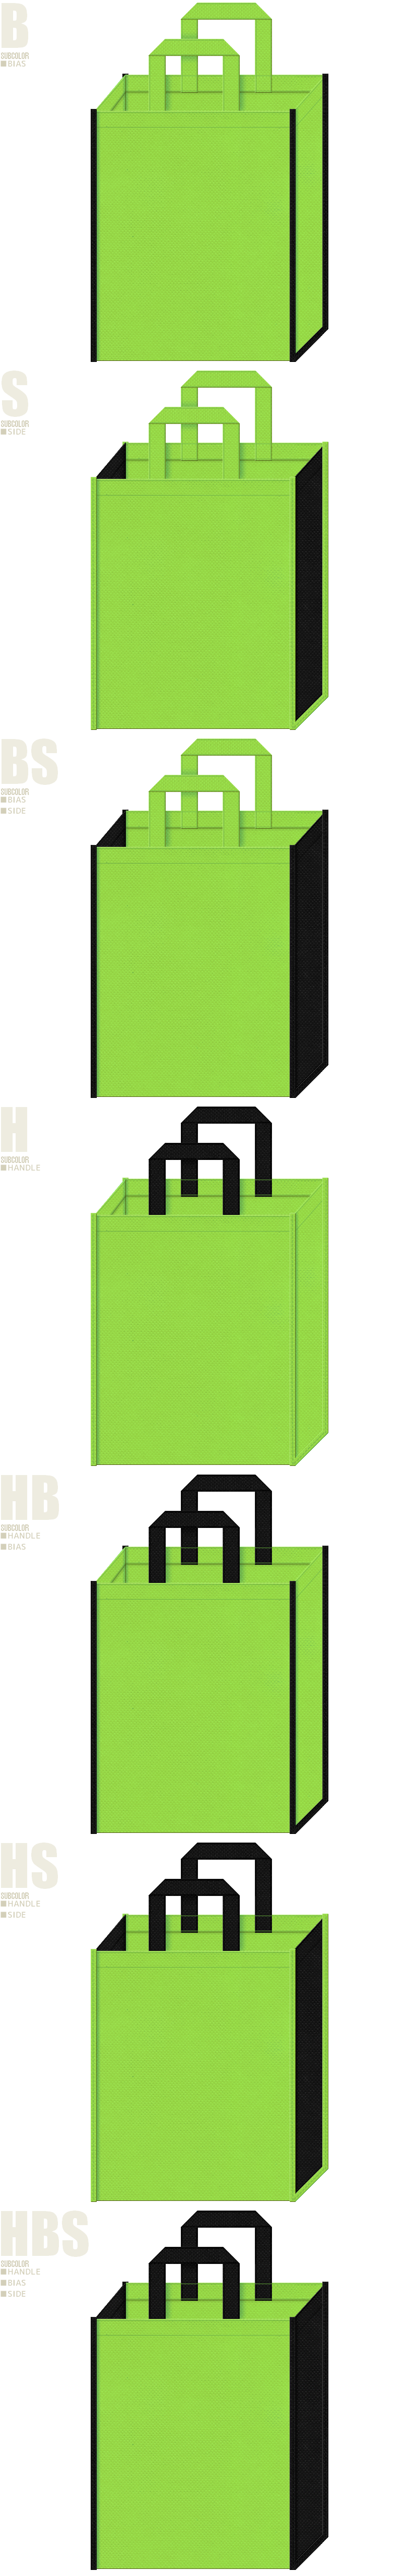 スポーツ・アウトドア用品の展示会用バッグにお奨めの不織布バッグデザイン:黄緑色と黒色の不織布バッグ配色7パターン。